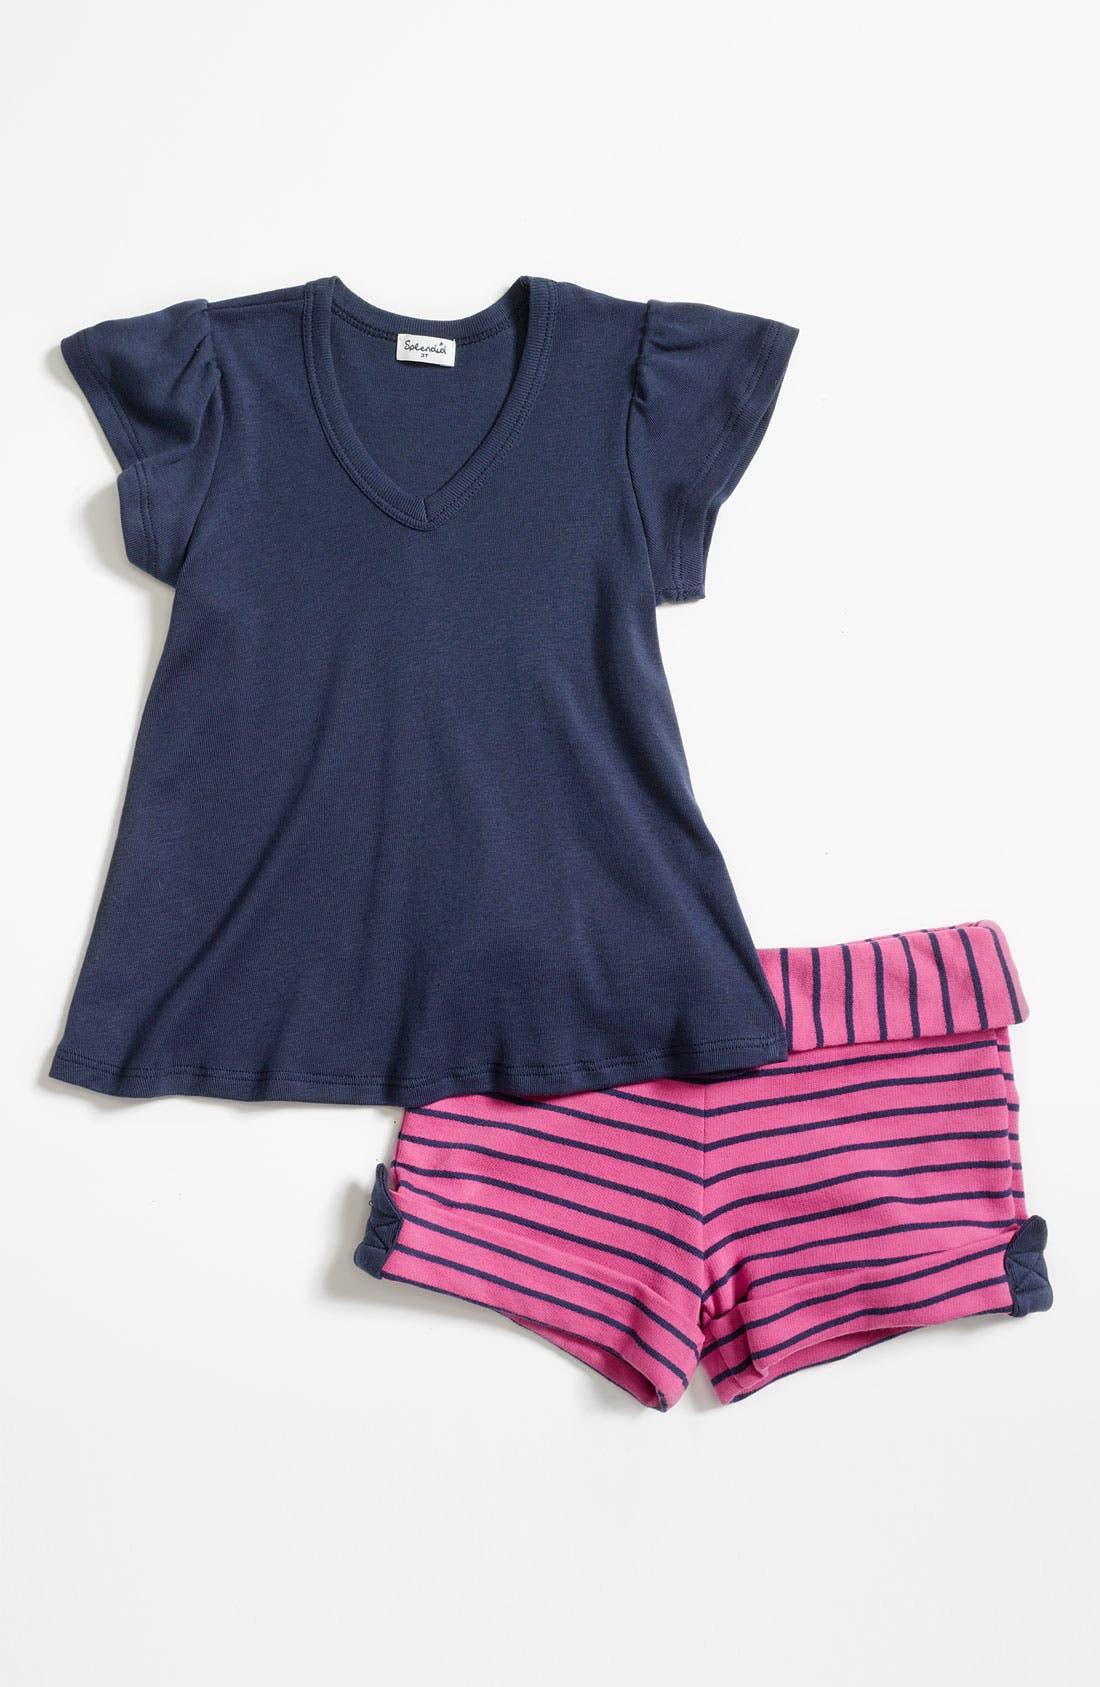 Alternate Image 1 Selected - Splendid Stripe Shirt & Shorts (Toddler)